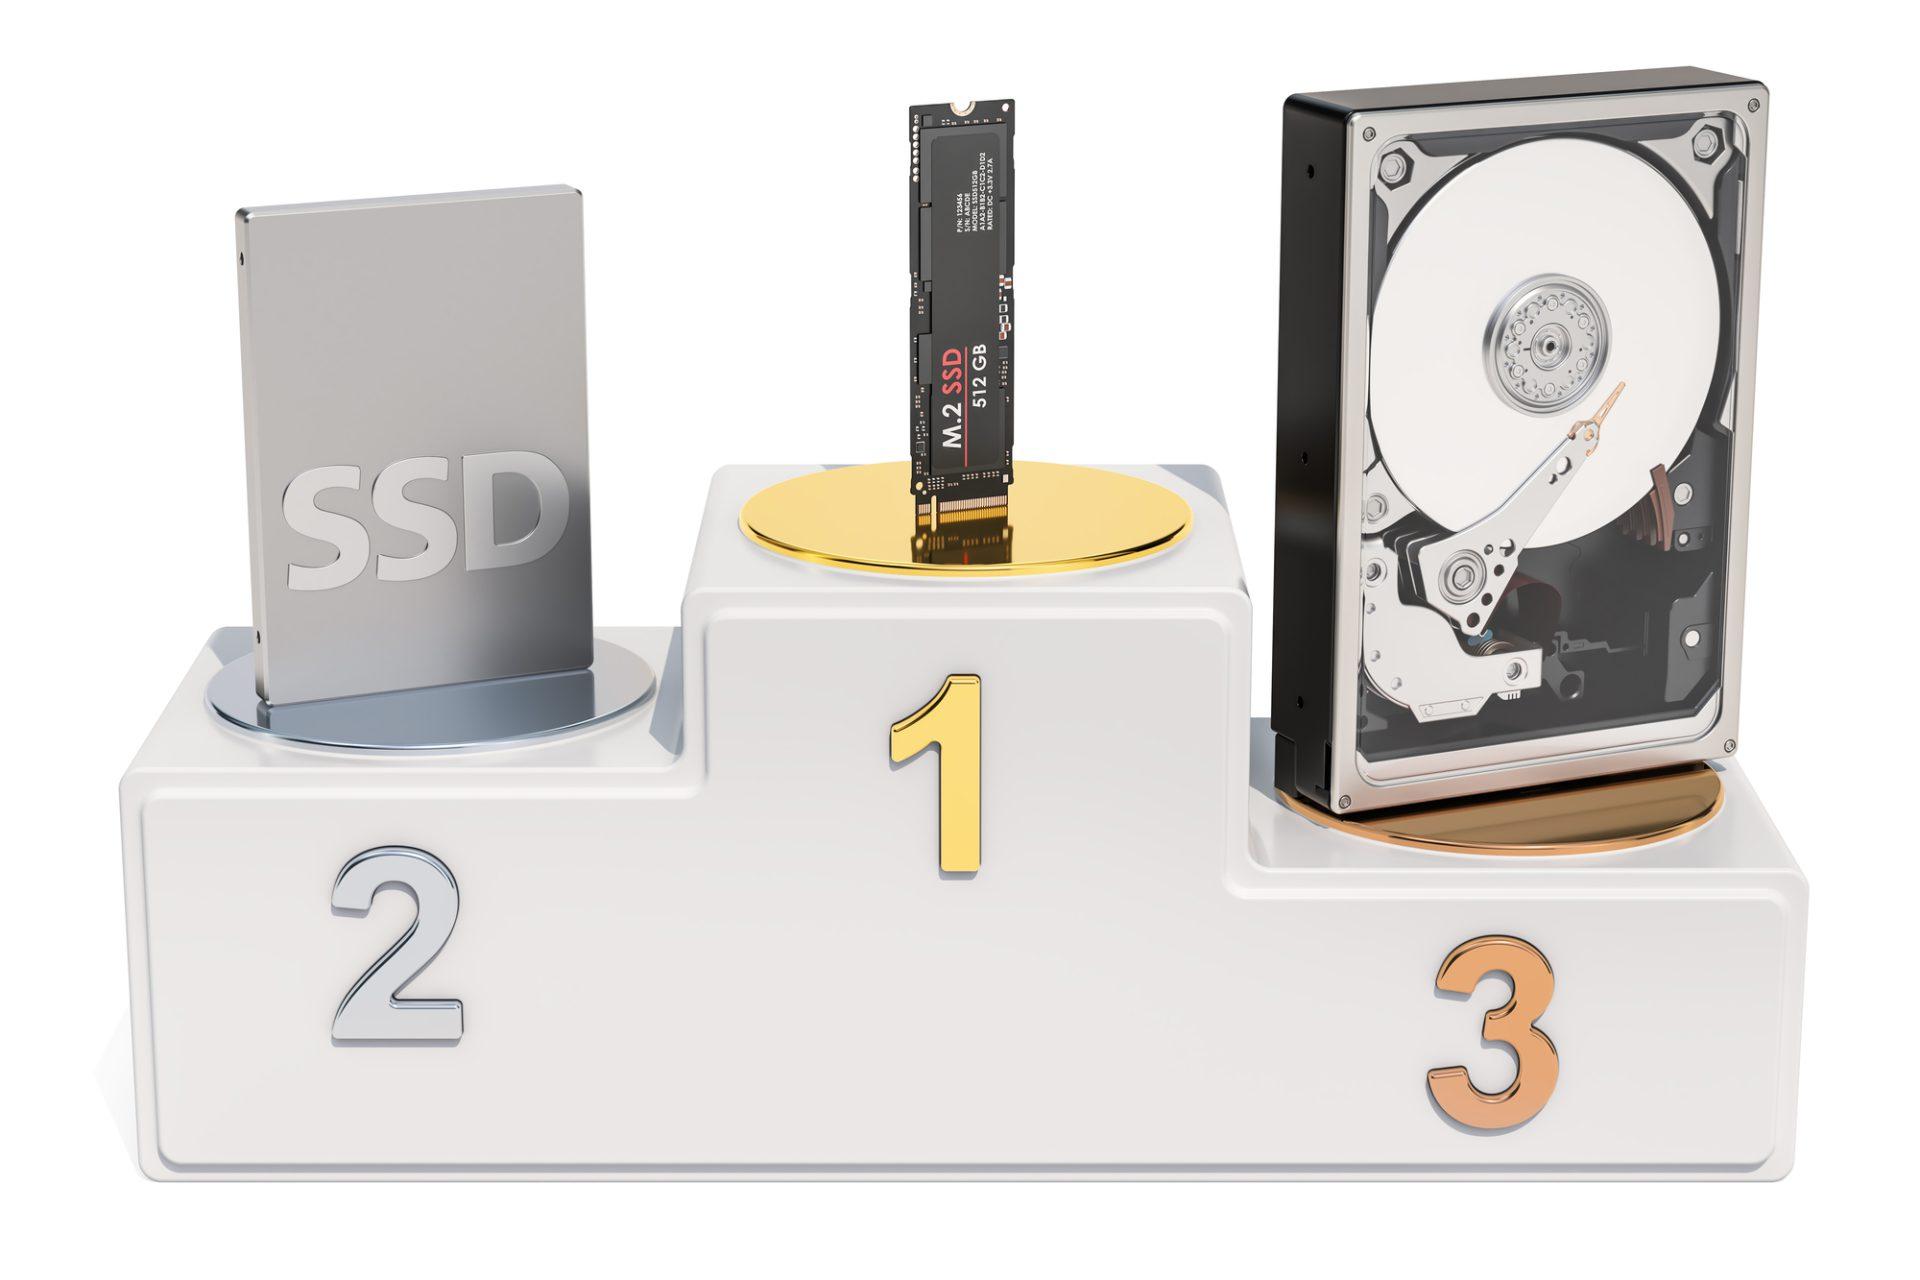 HDDとSSDと光デスク